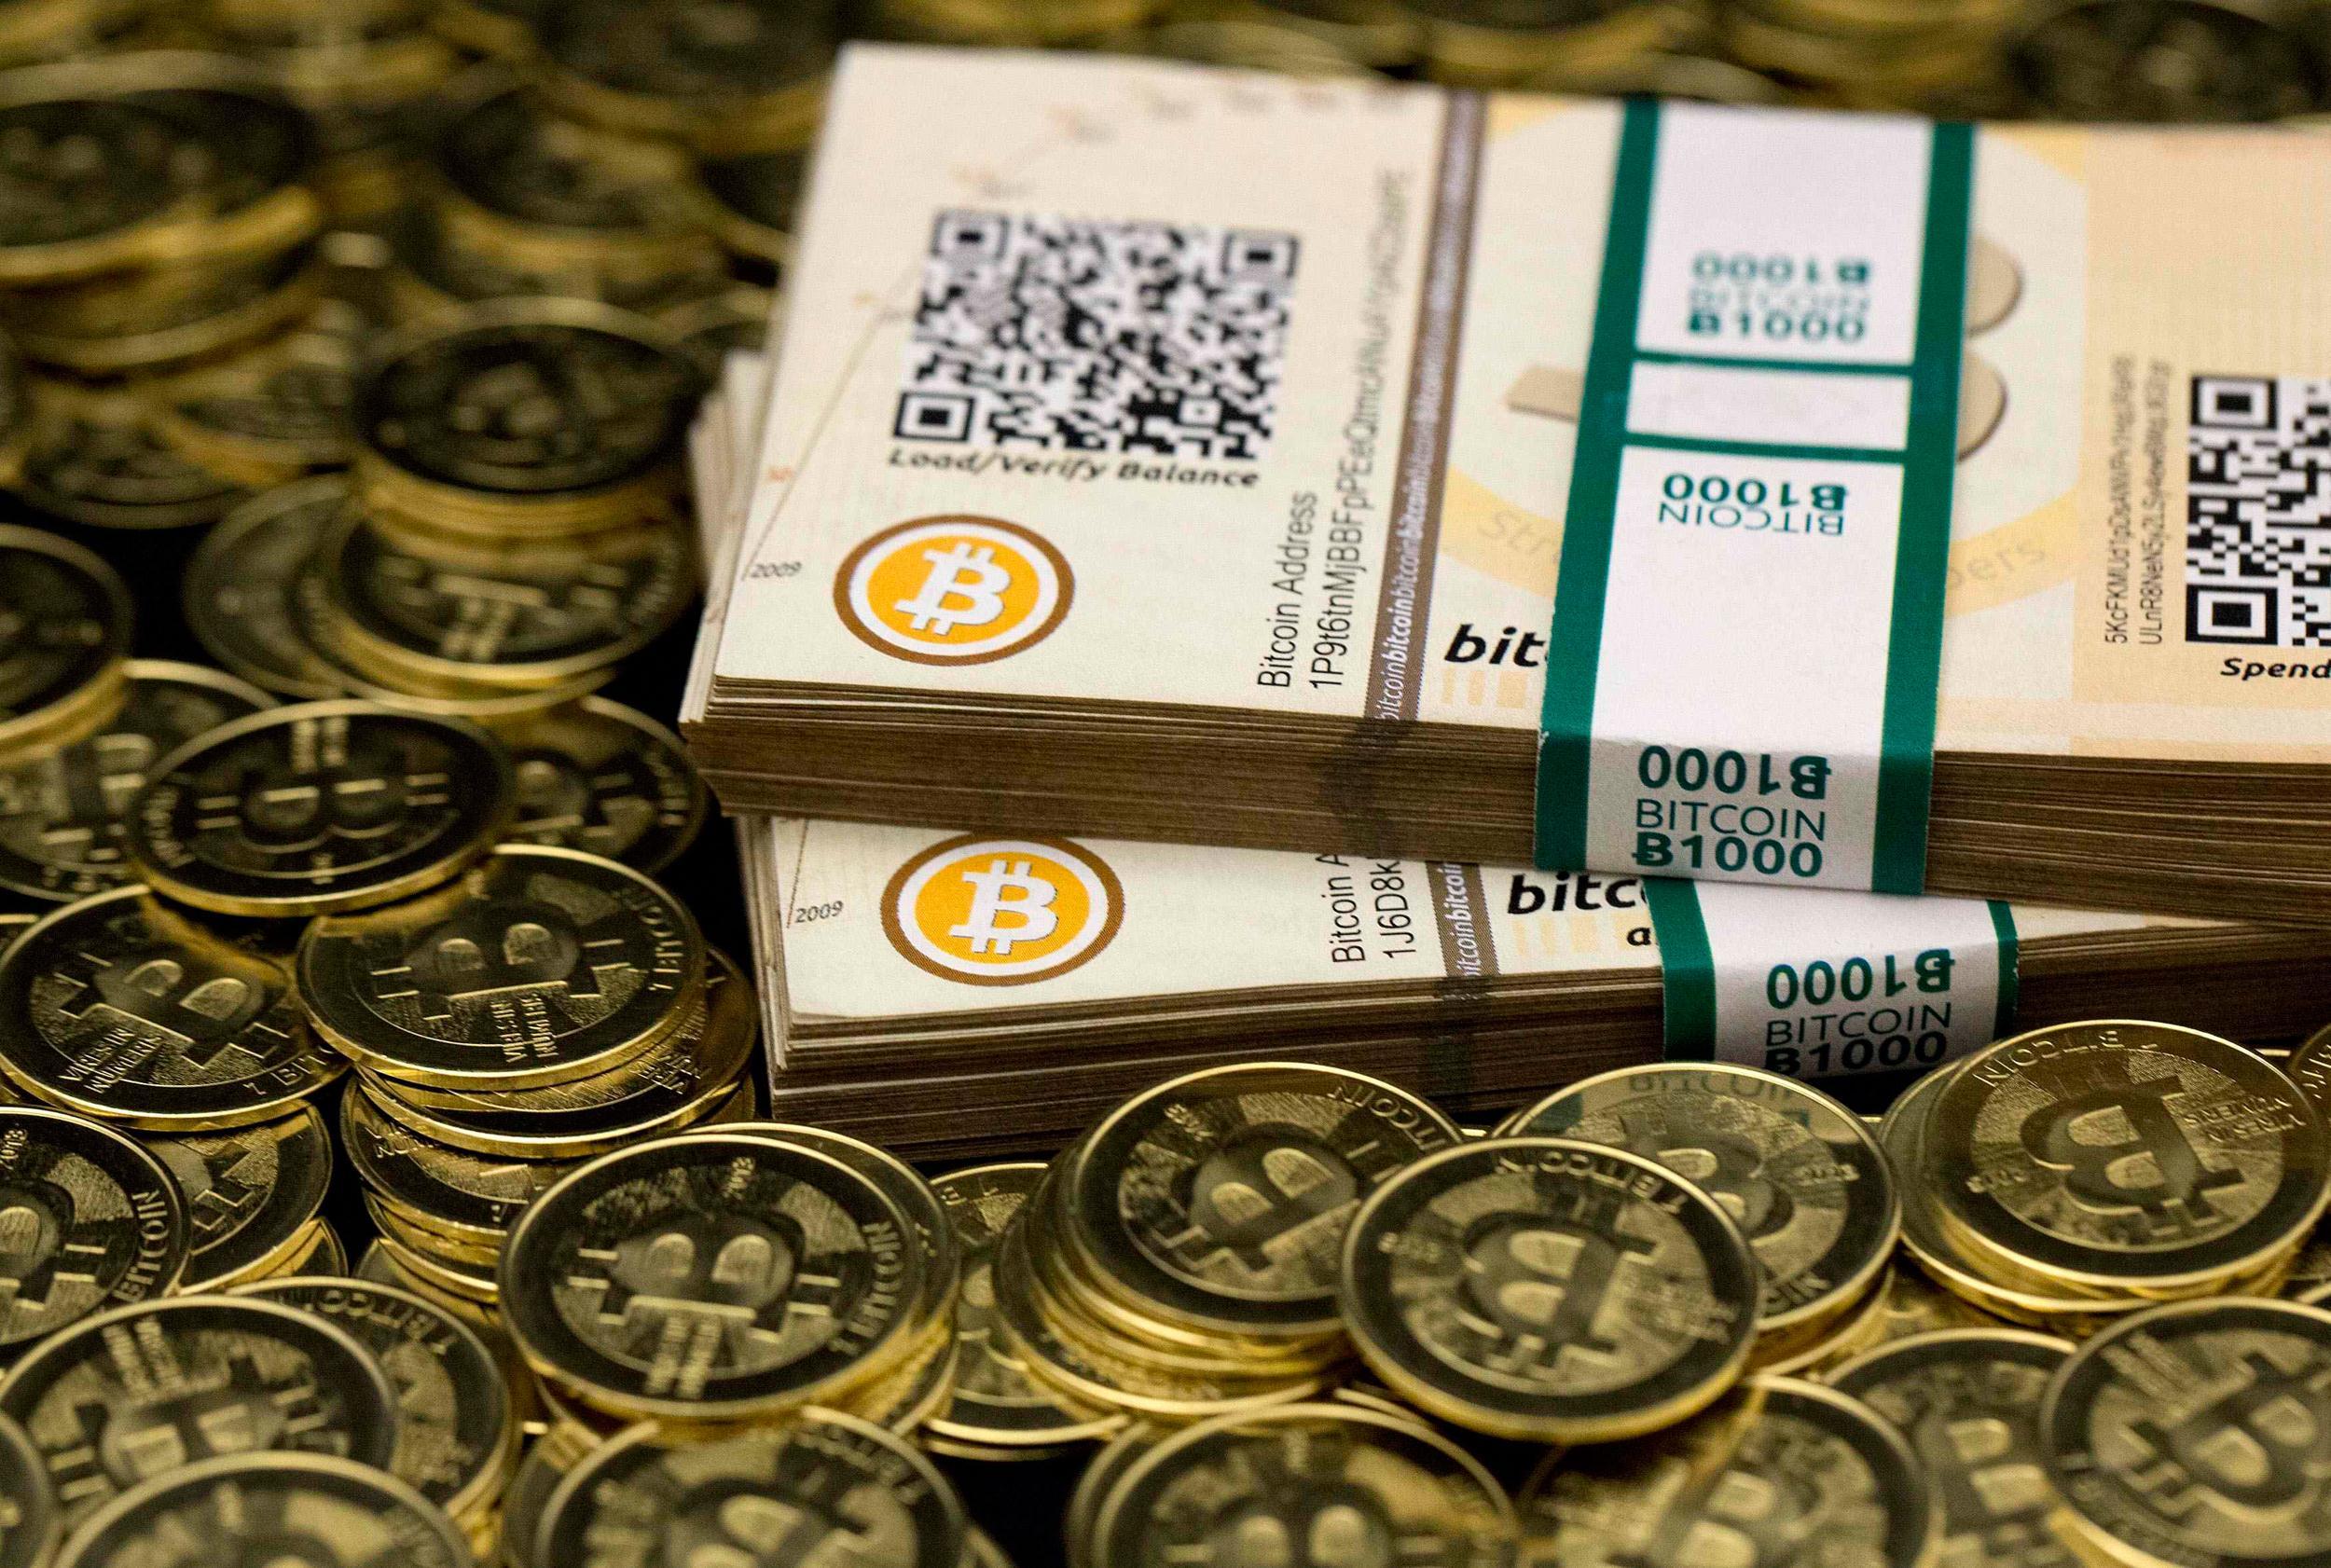 Тайские мошенники выманили у финского бизнесмена 24 млн долларов в биткоинах